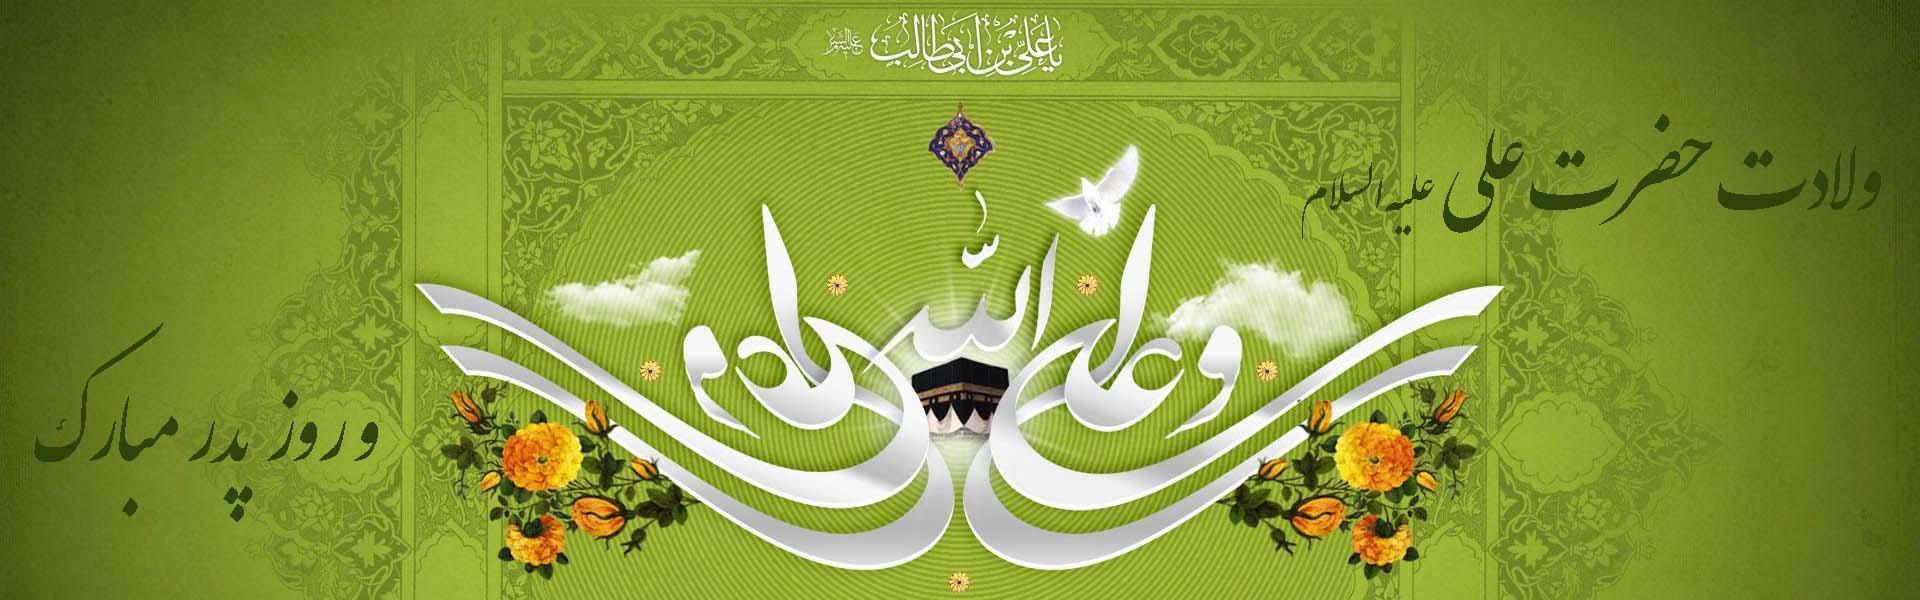 میلاد حضرت علی و روز پدر